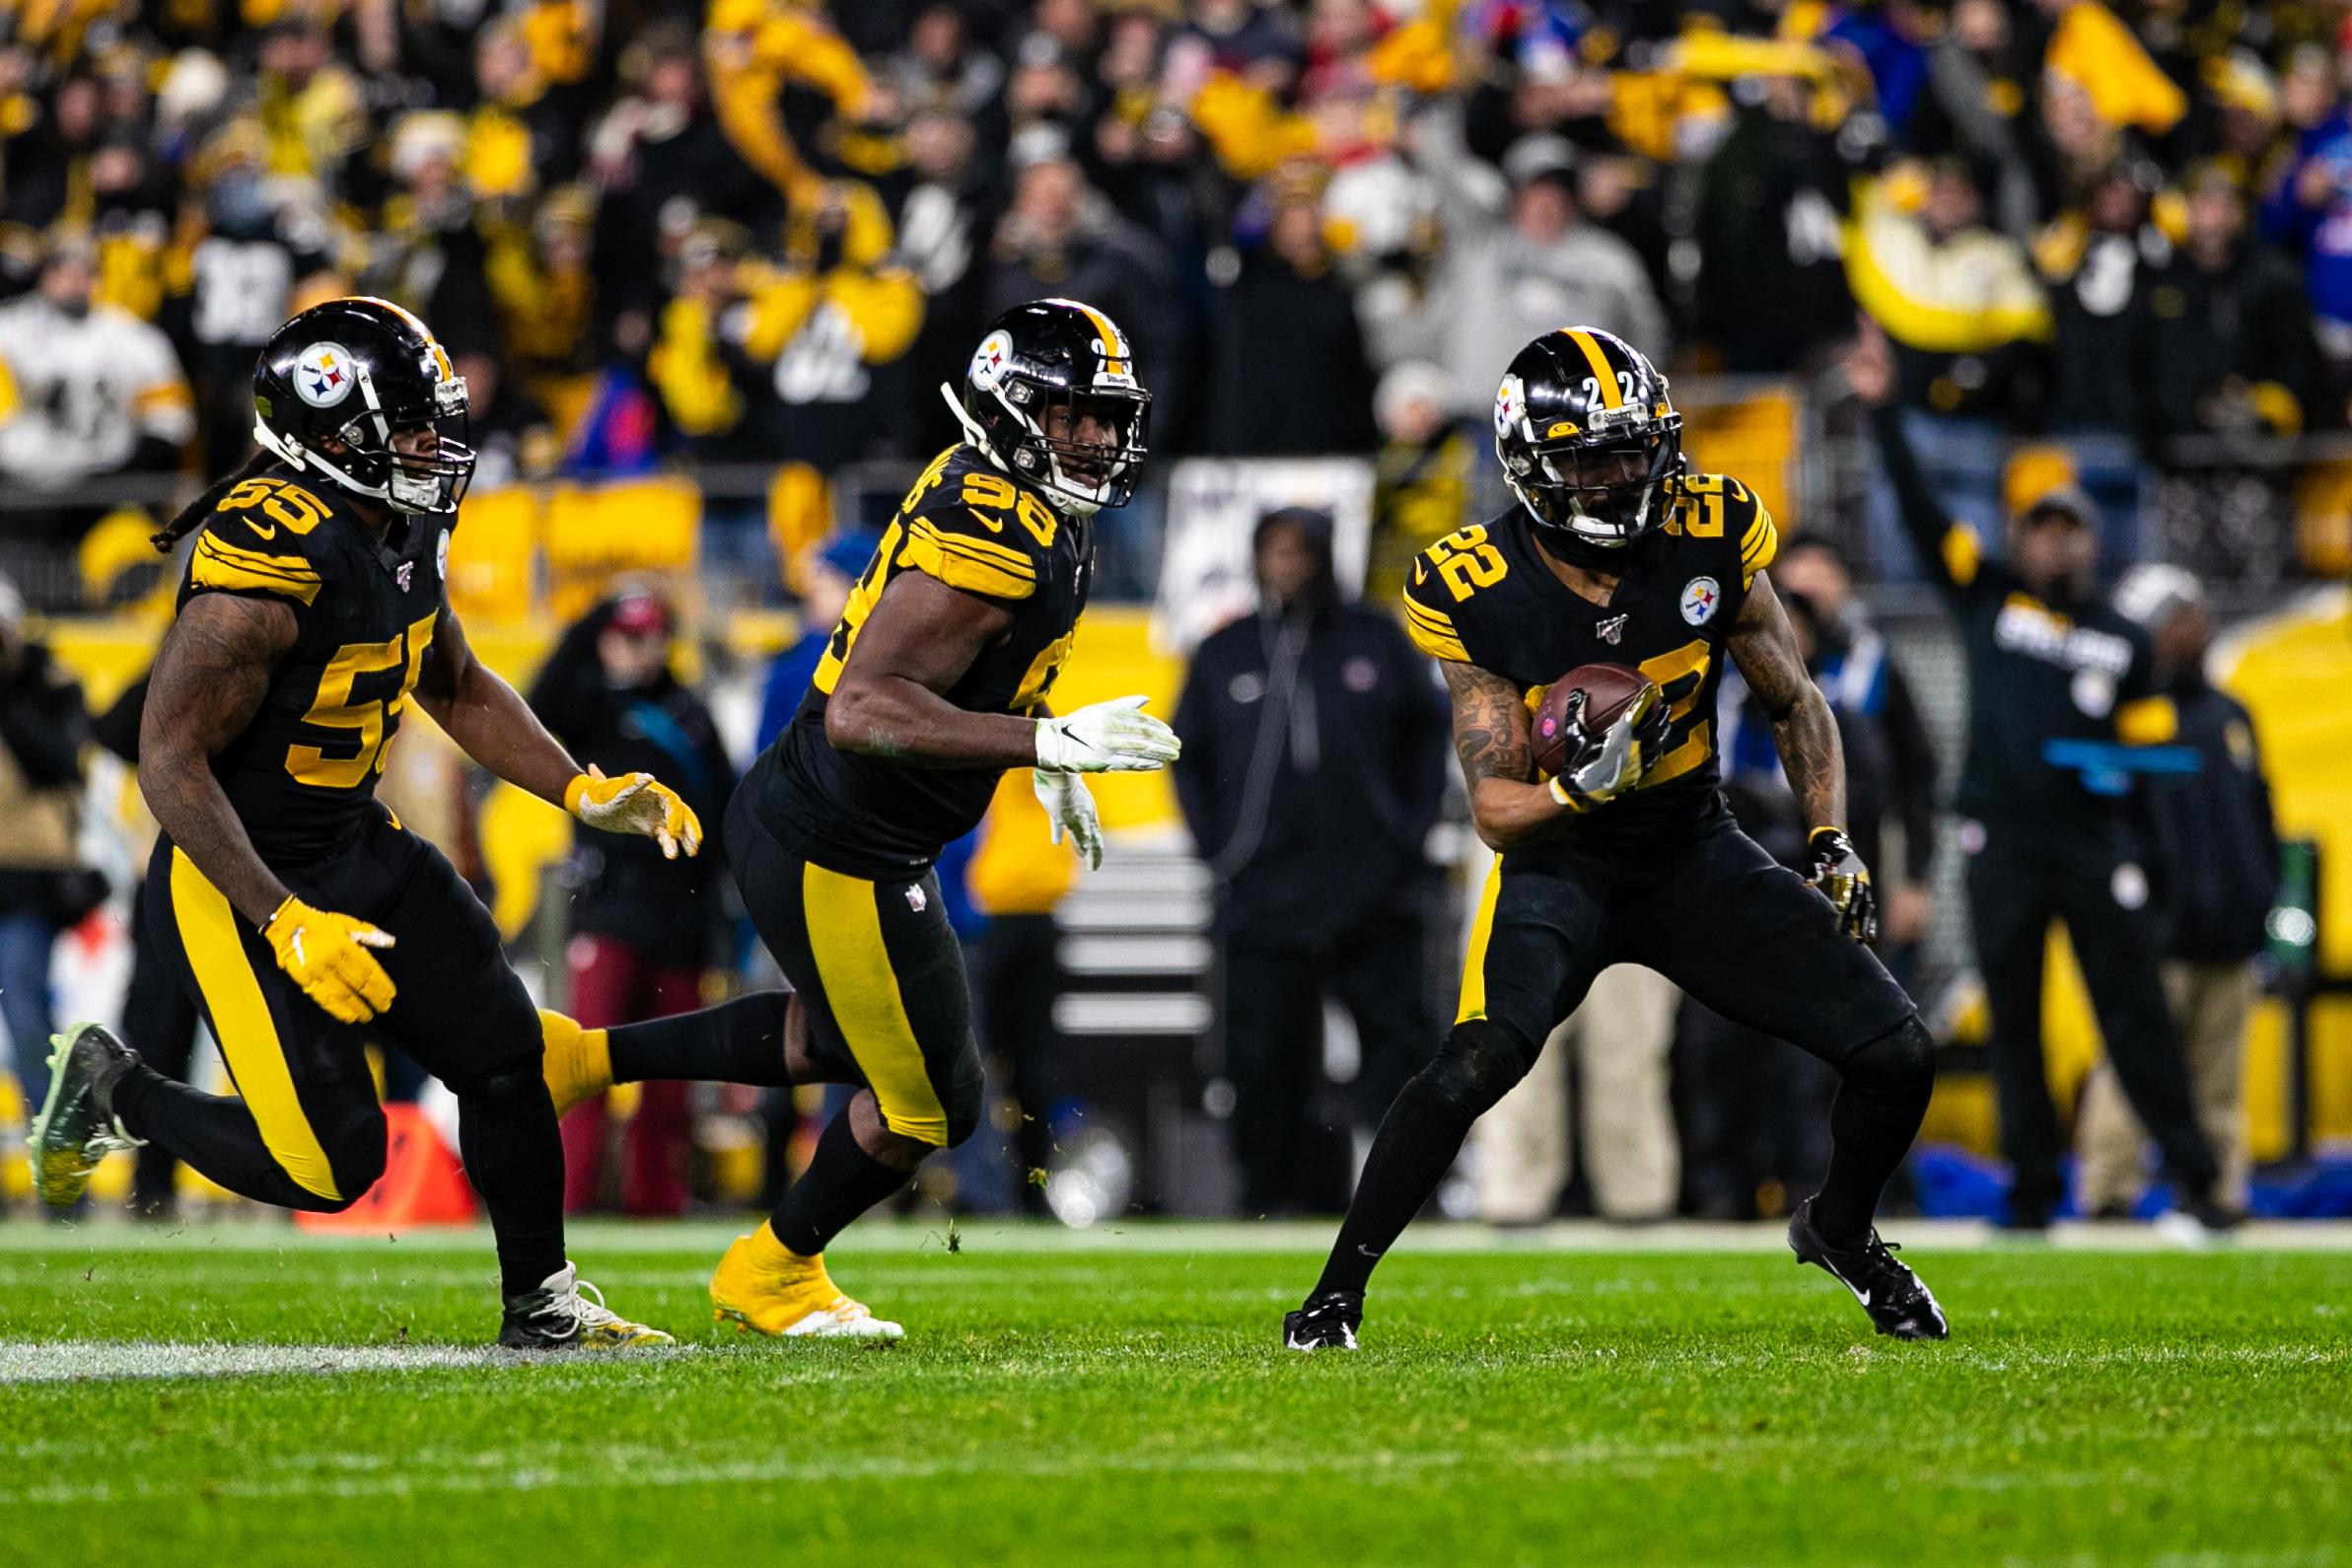 NFL: DEC 15 Bills at Steelers